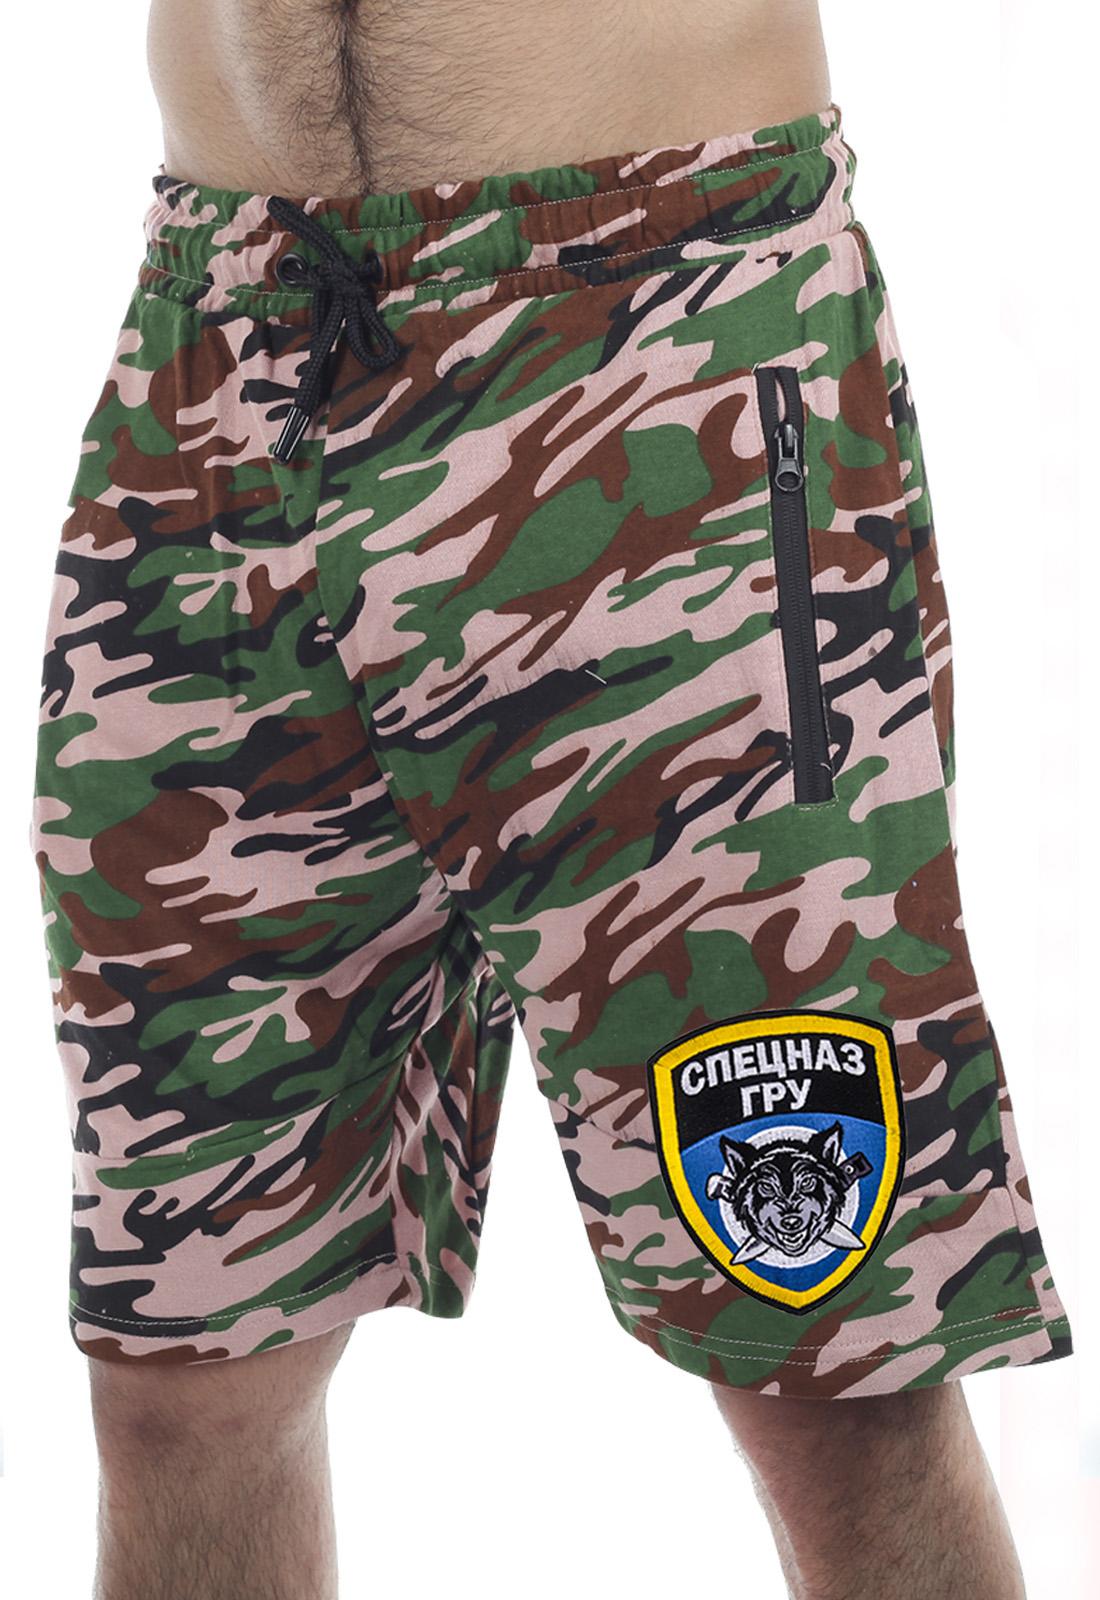 Купить в Москве шорты с эмблемой Спецназа ГРУ